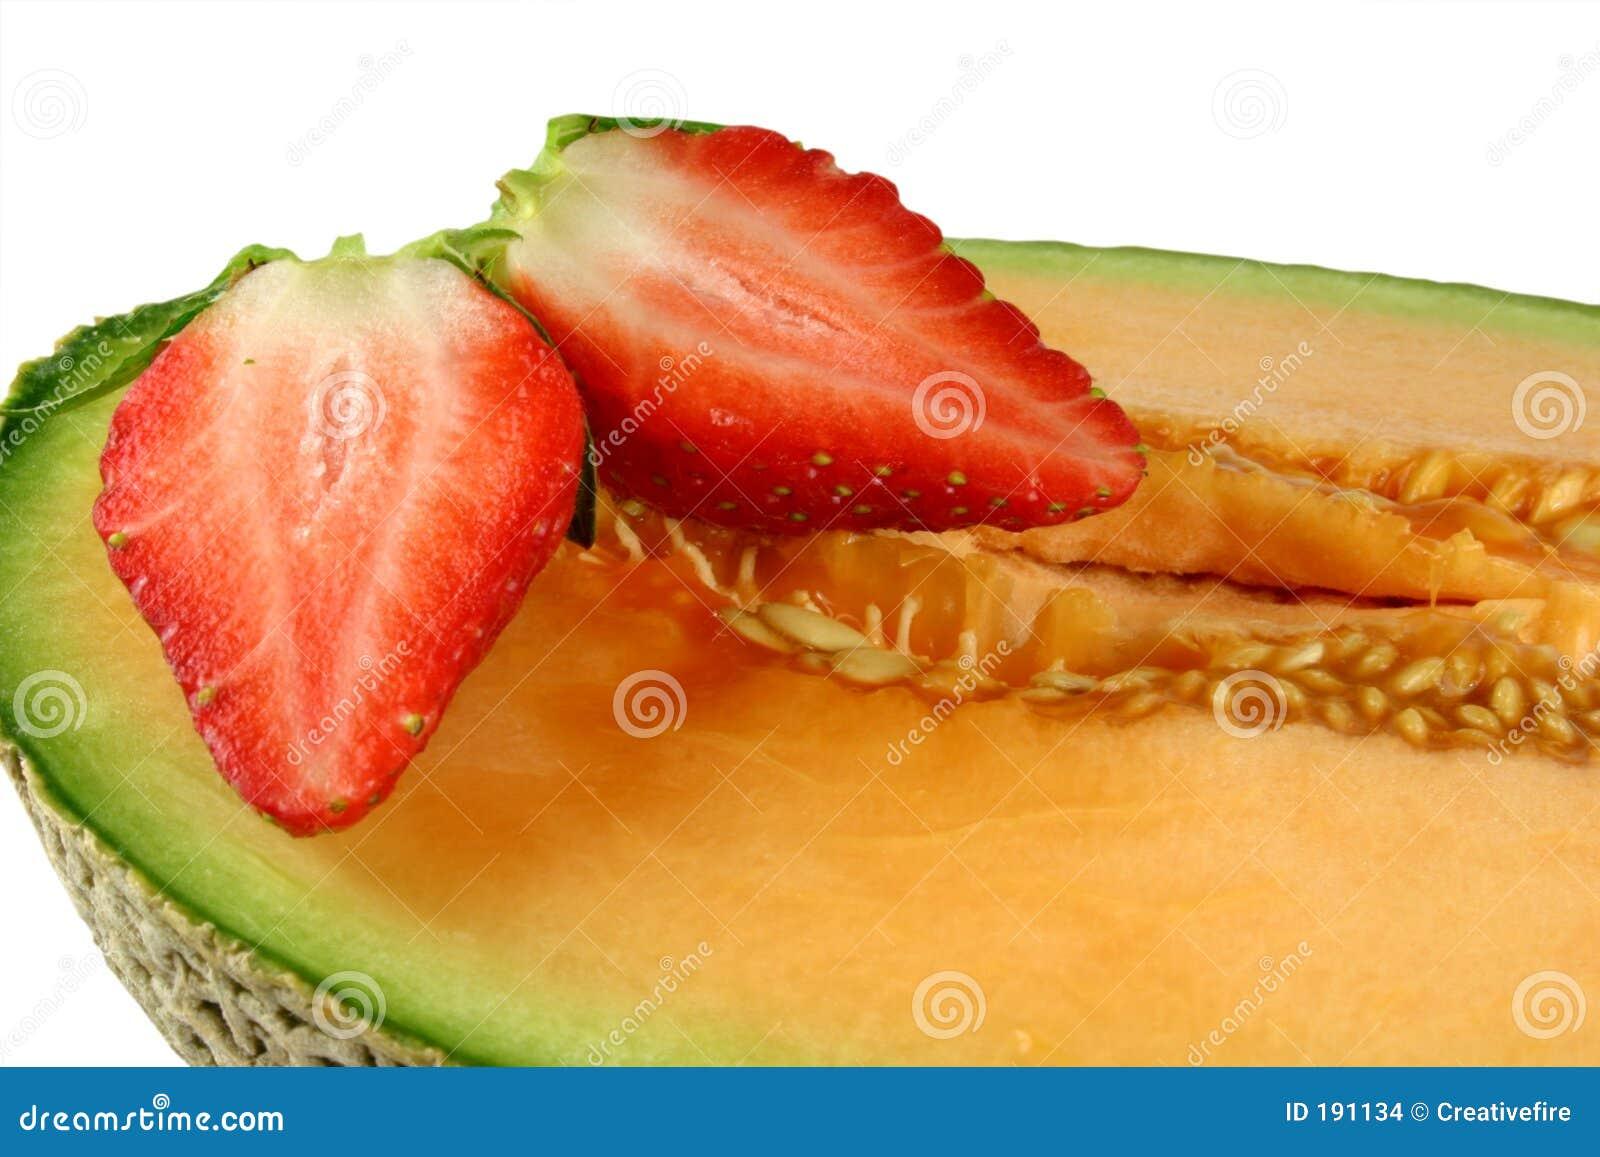 Fraise de Rockmelon